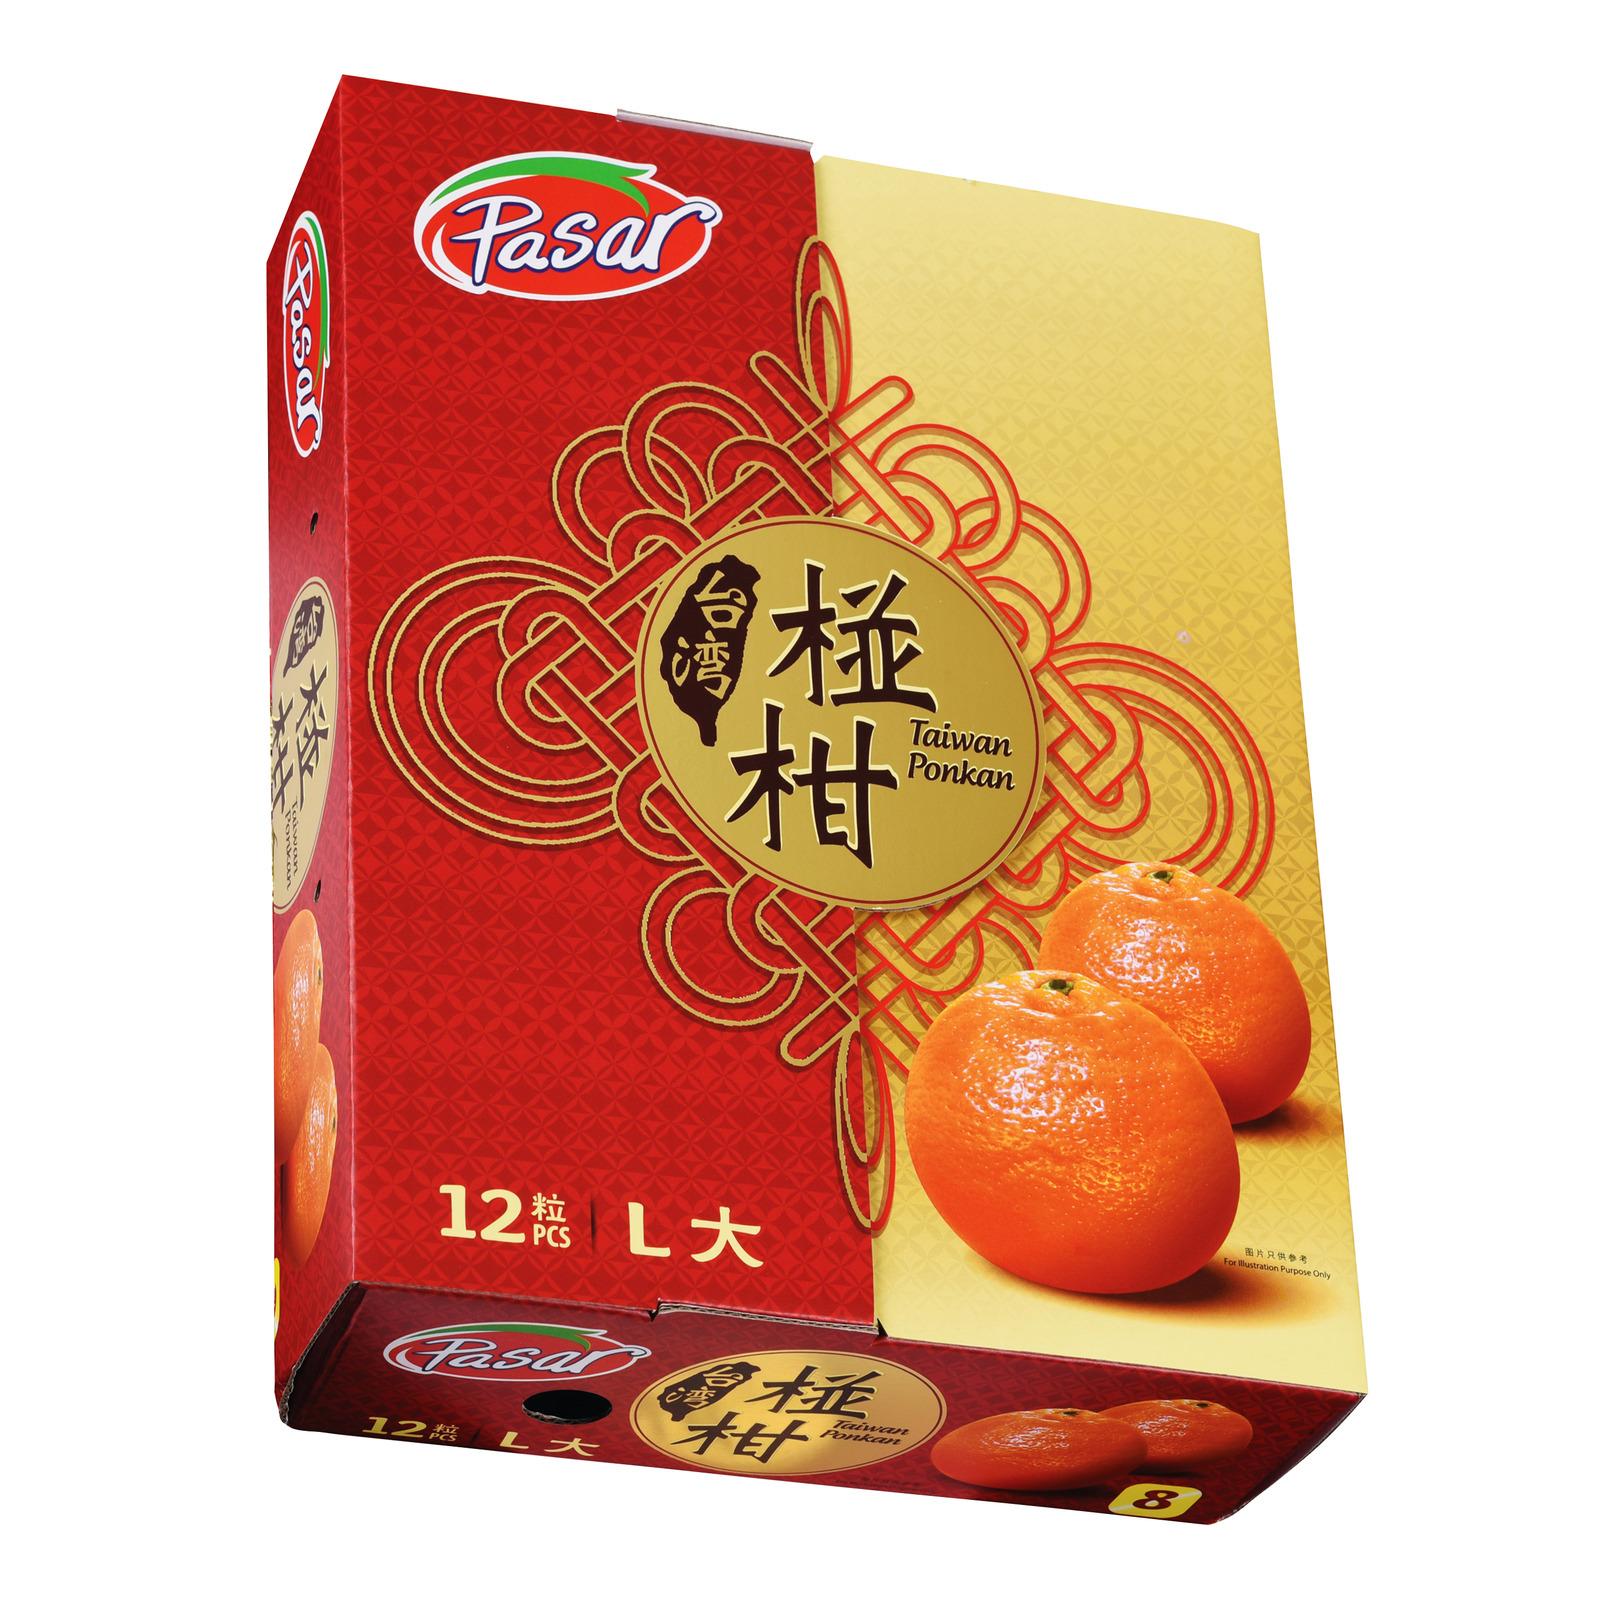 Pasar Taiwan Mandarin Orange - Ponkan (L)